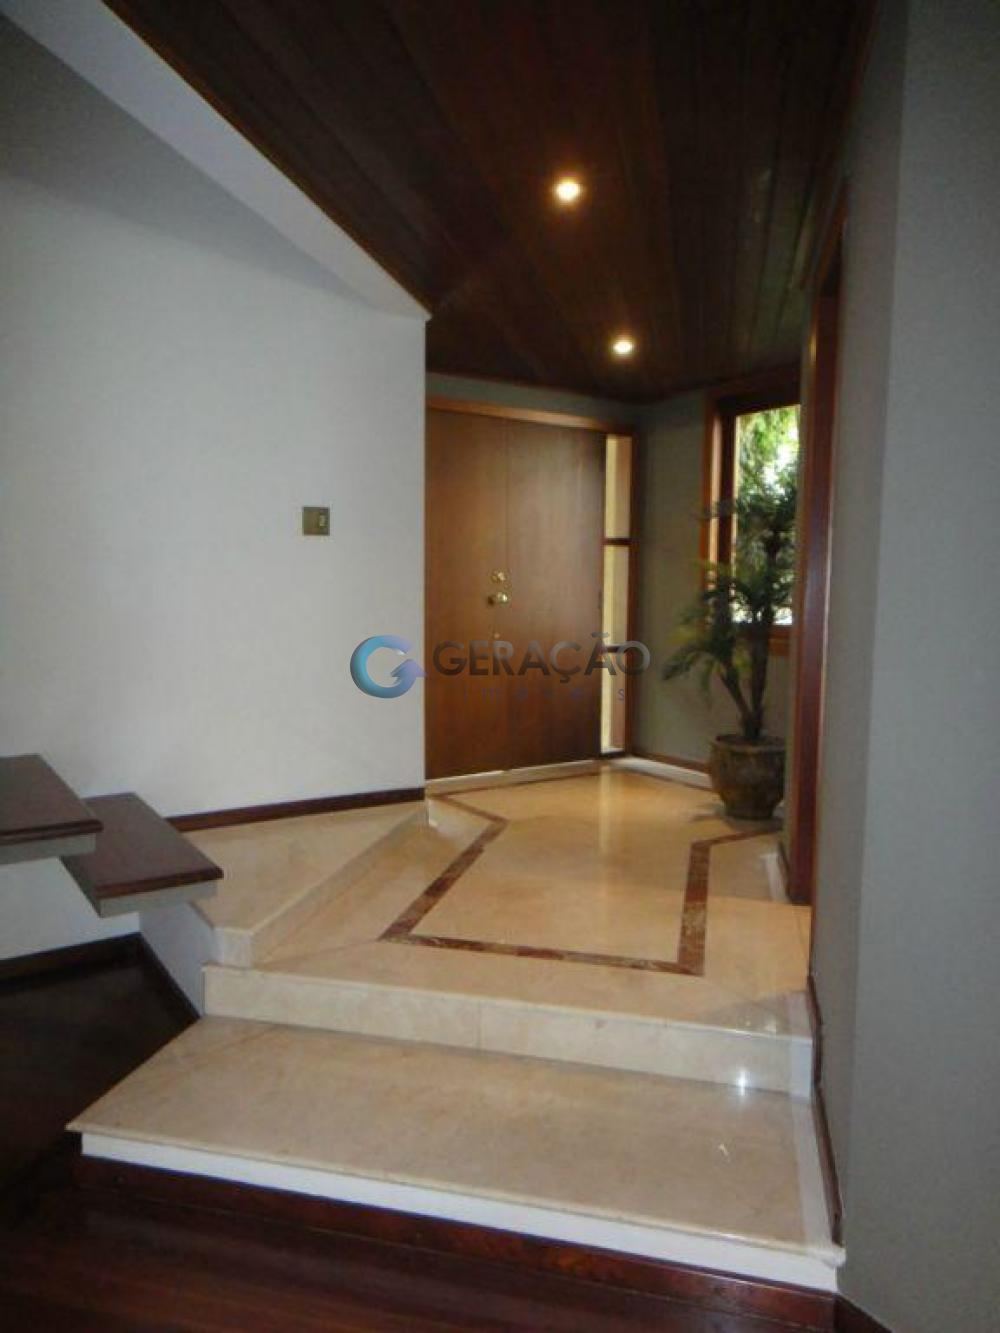 Alugar Casa / Condomínio em São José dos Campos apenas R$ 10.000,00 - Foto 4